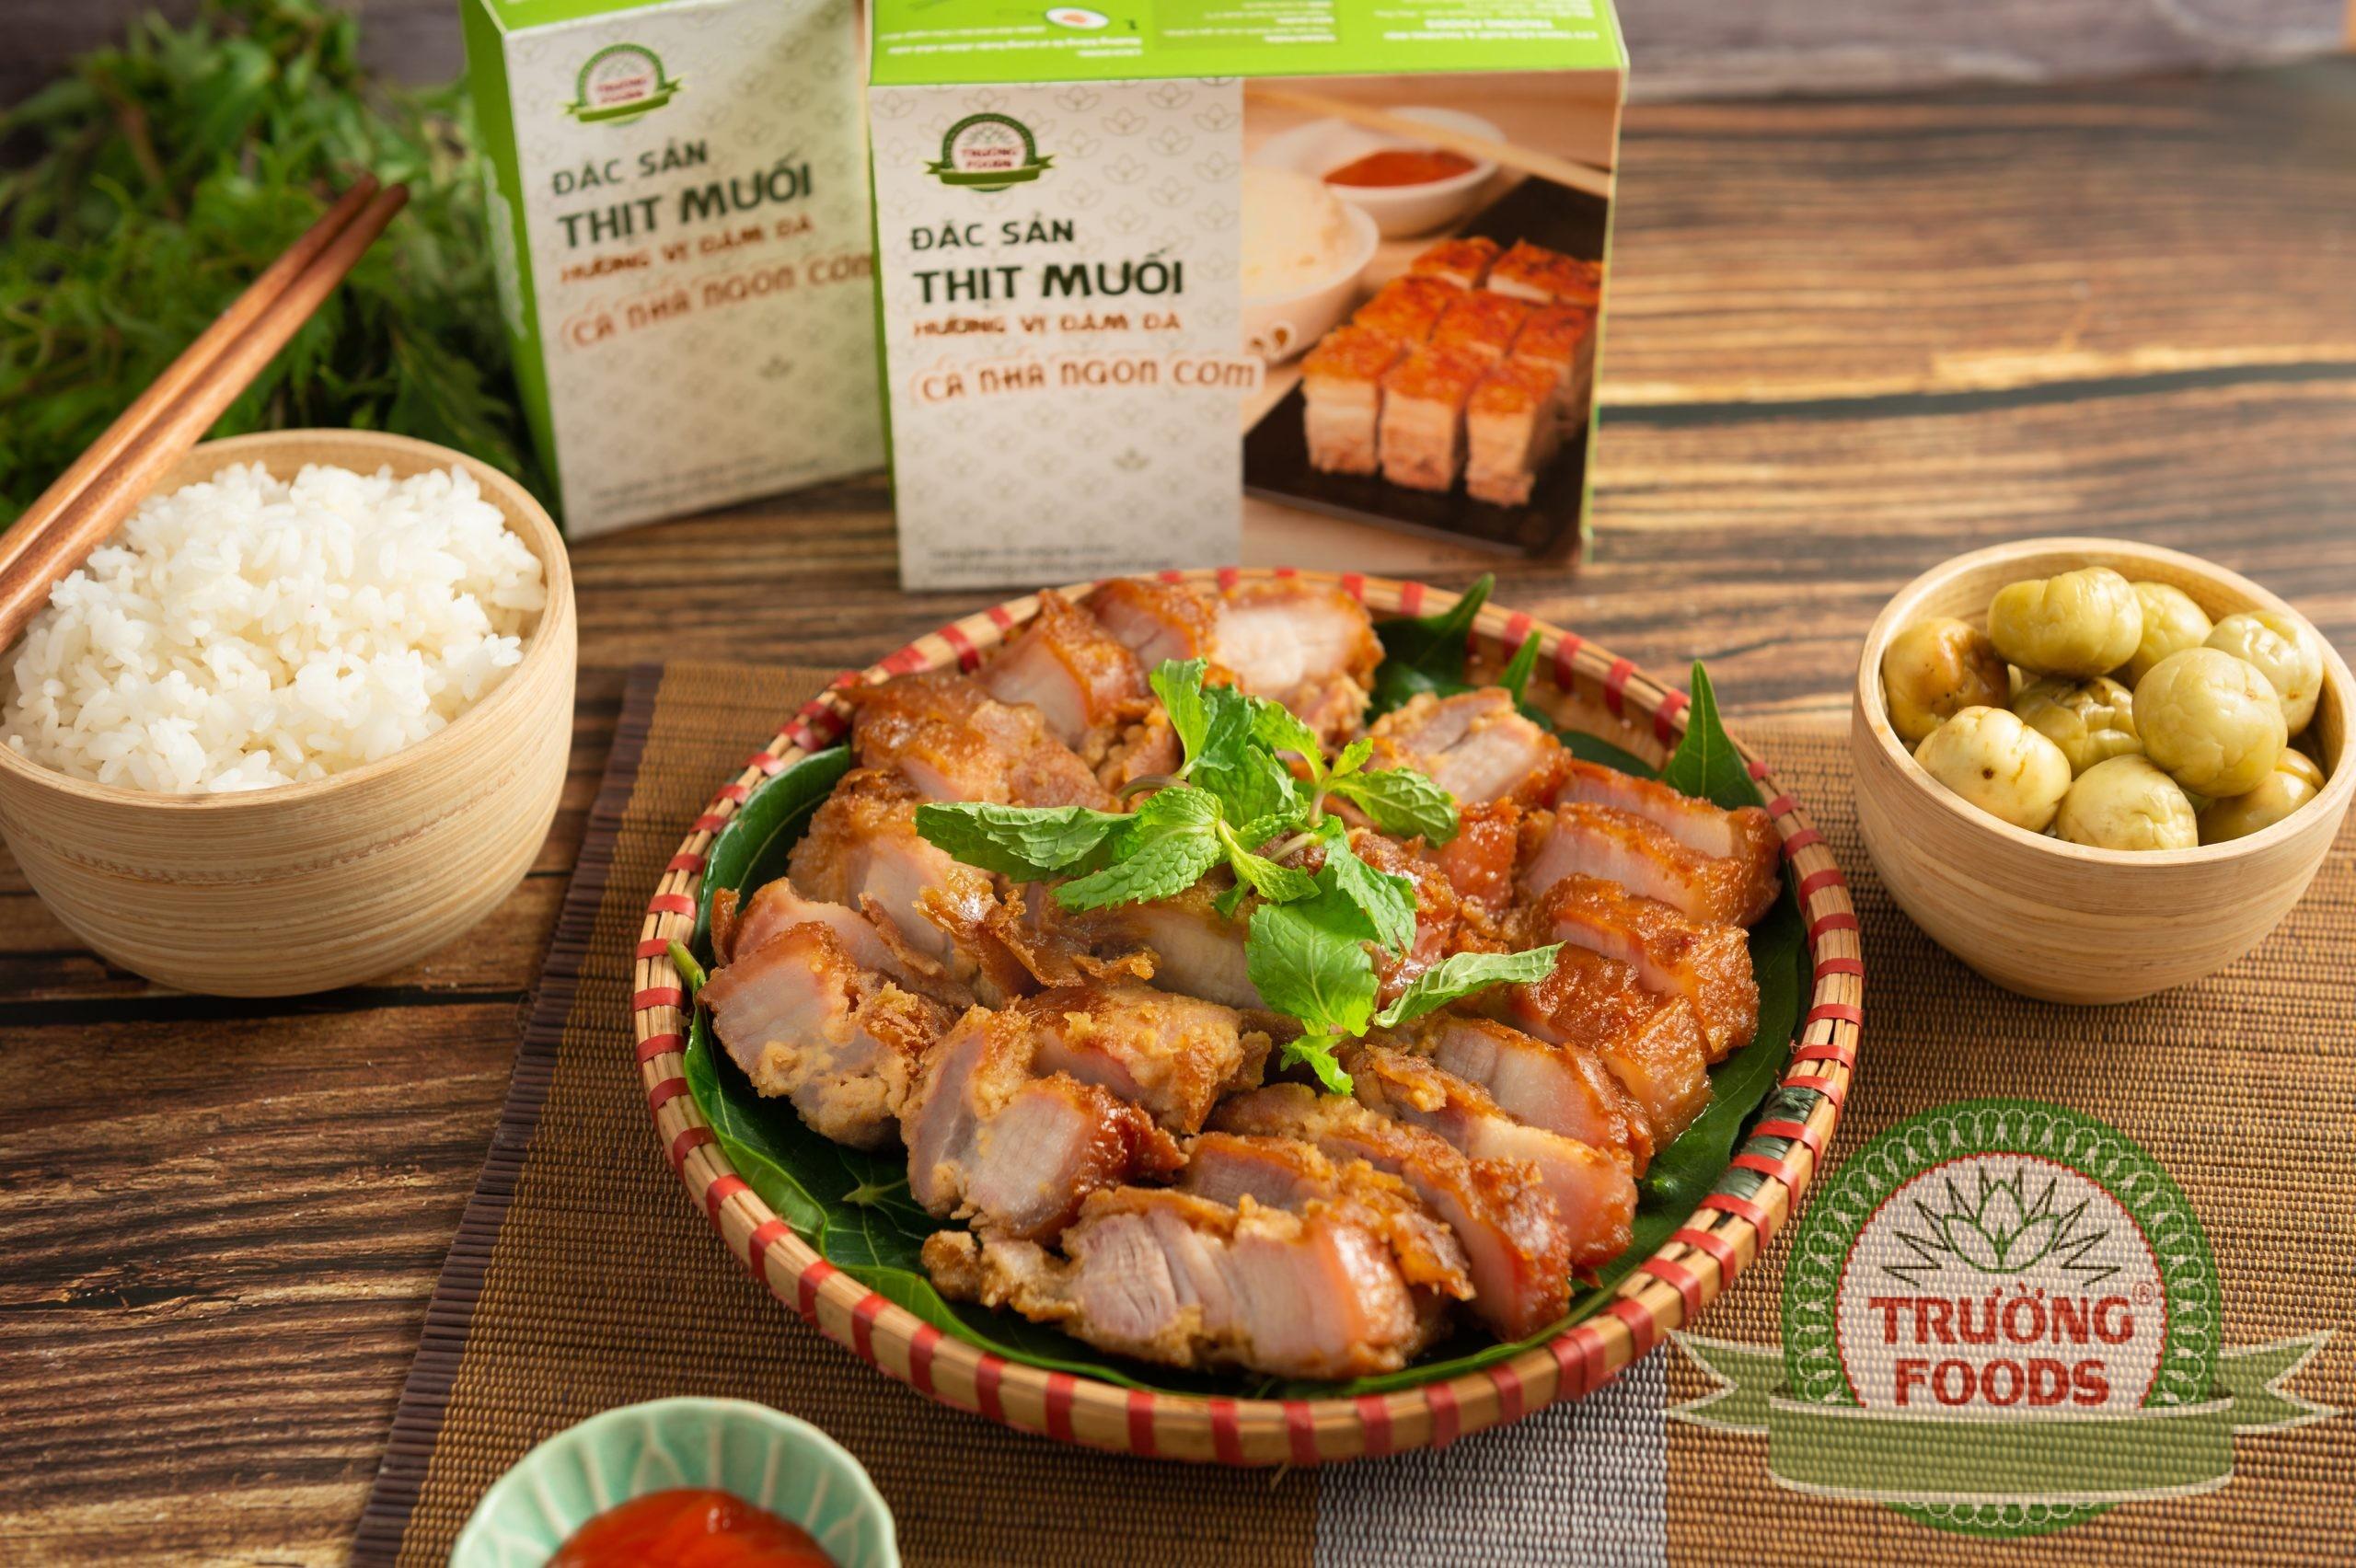 Thịt muối chua Phú Thọ là gì? Có ngon không? Mua ở đâu?